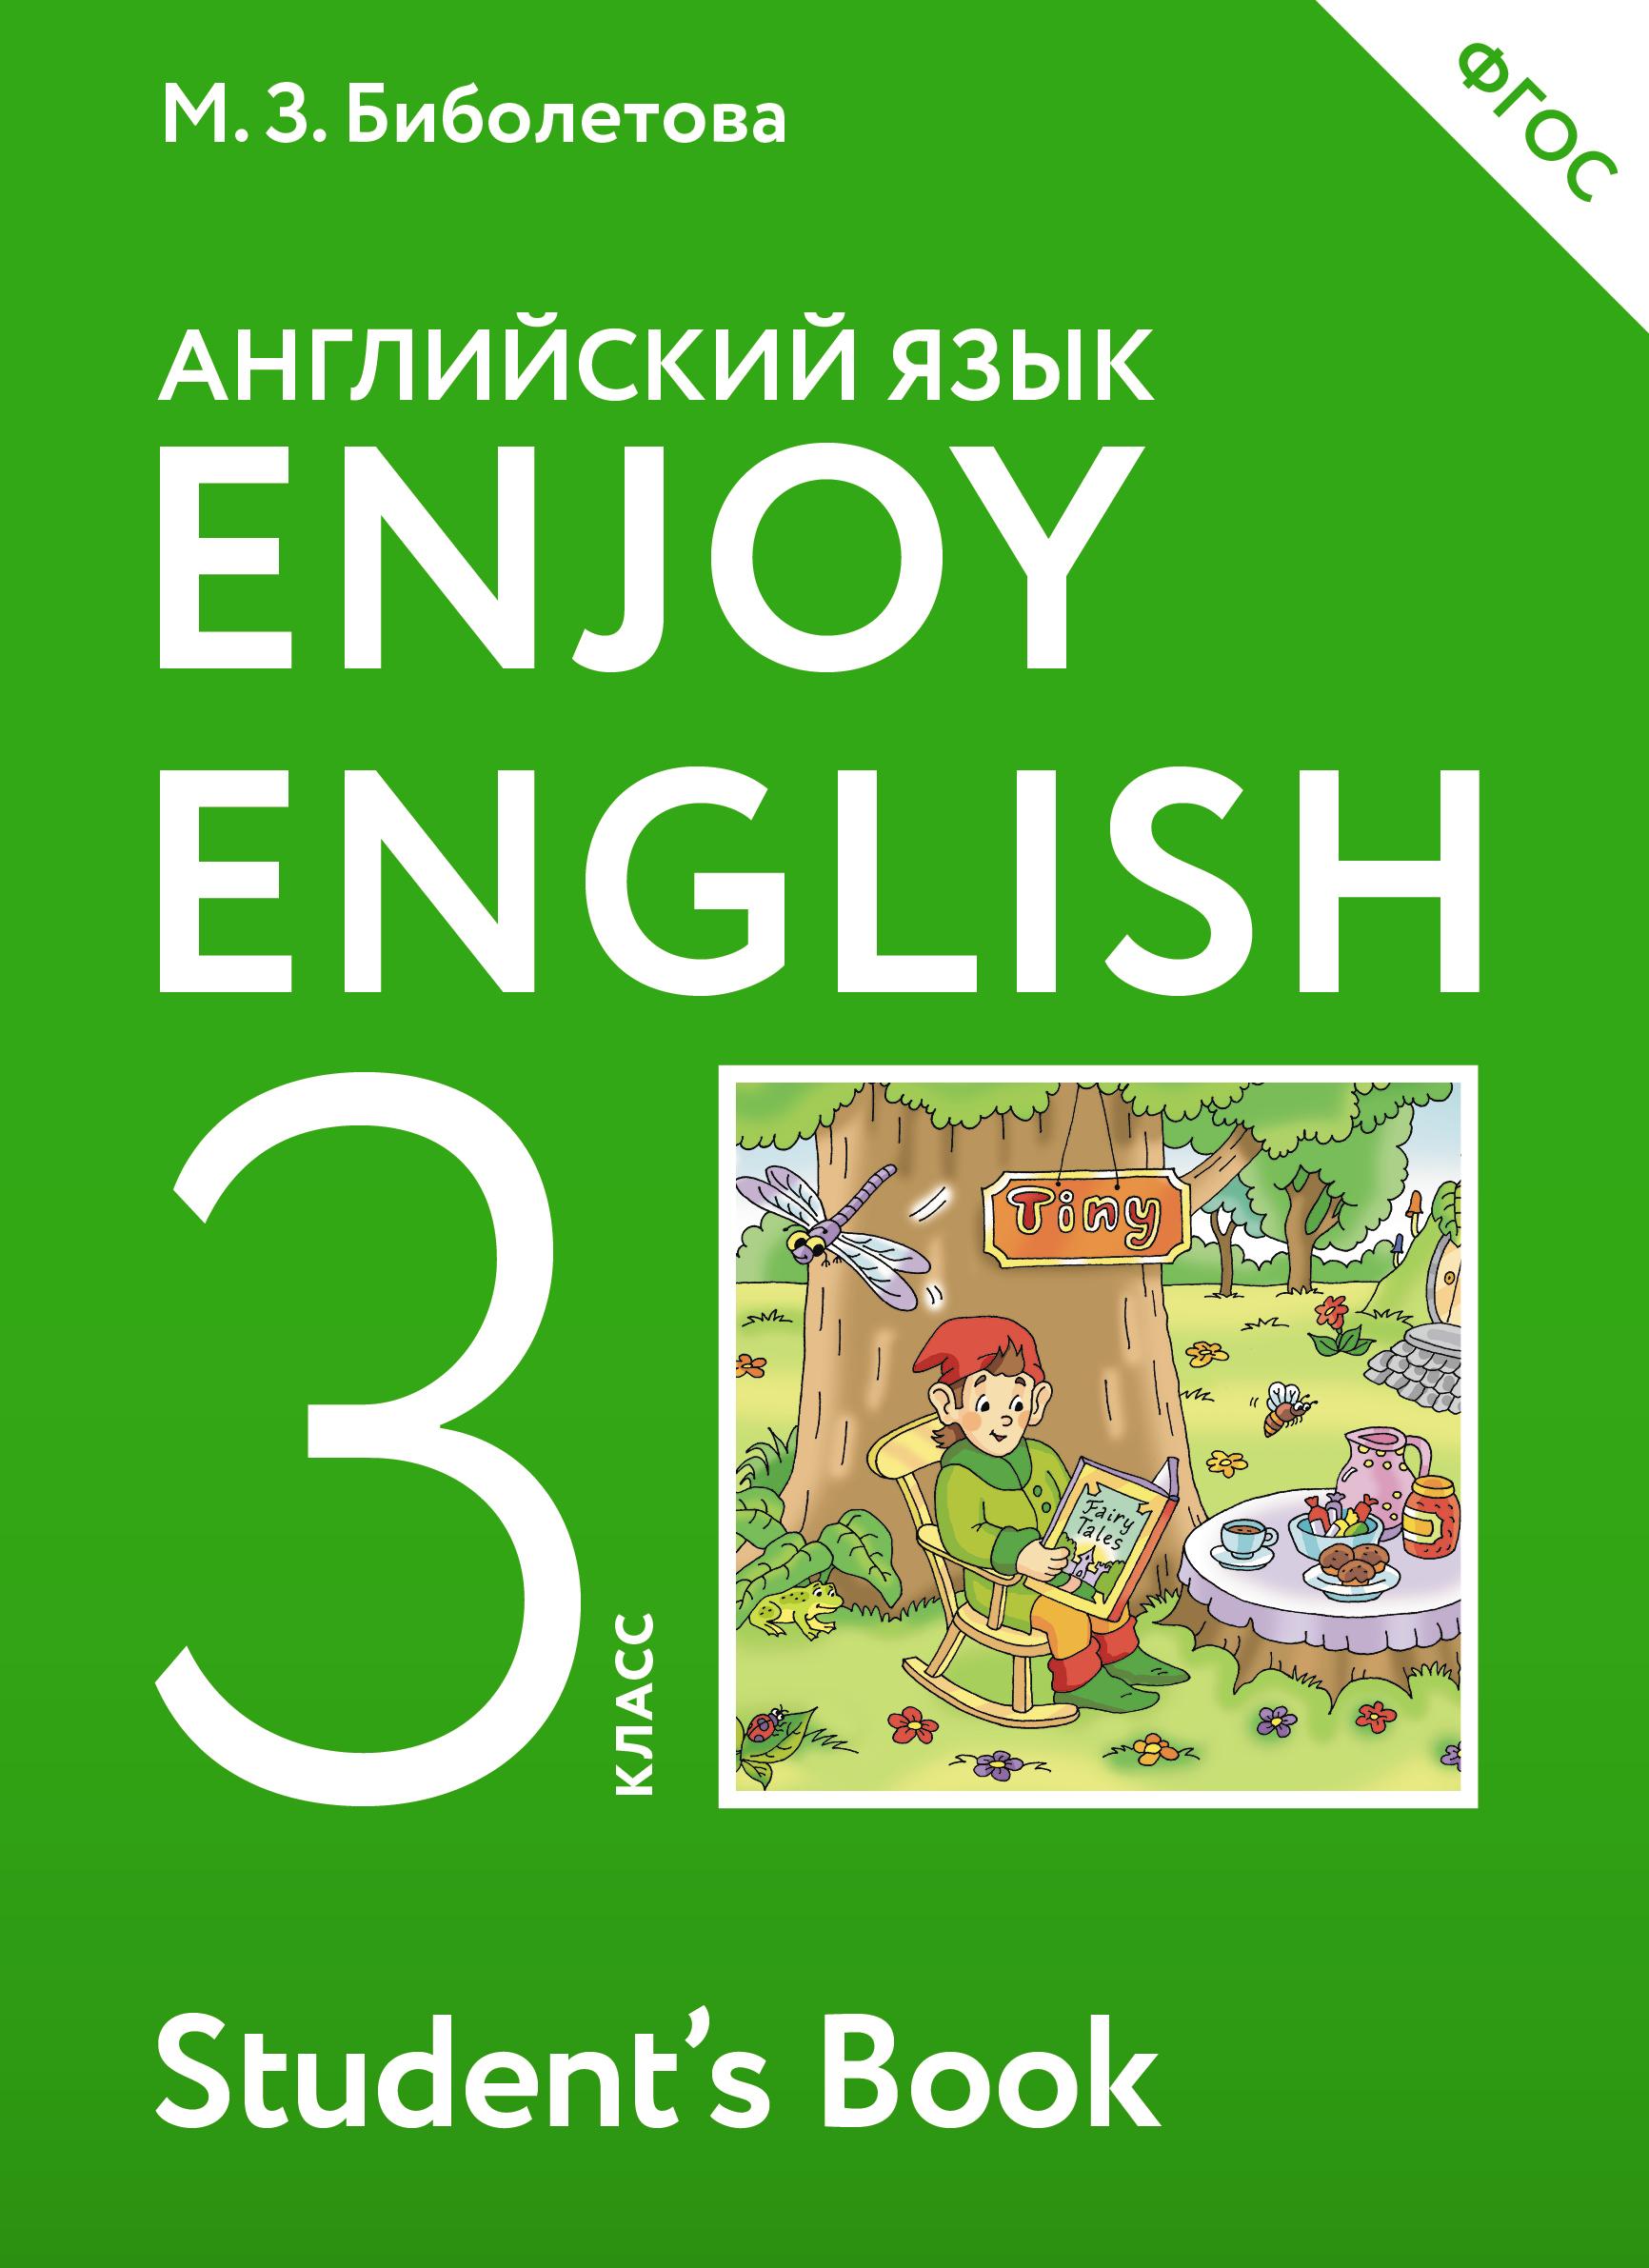 Учебник по английскому языку enjoy english 3 класс купить в москве.